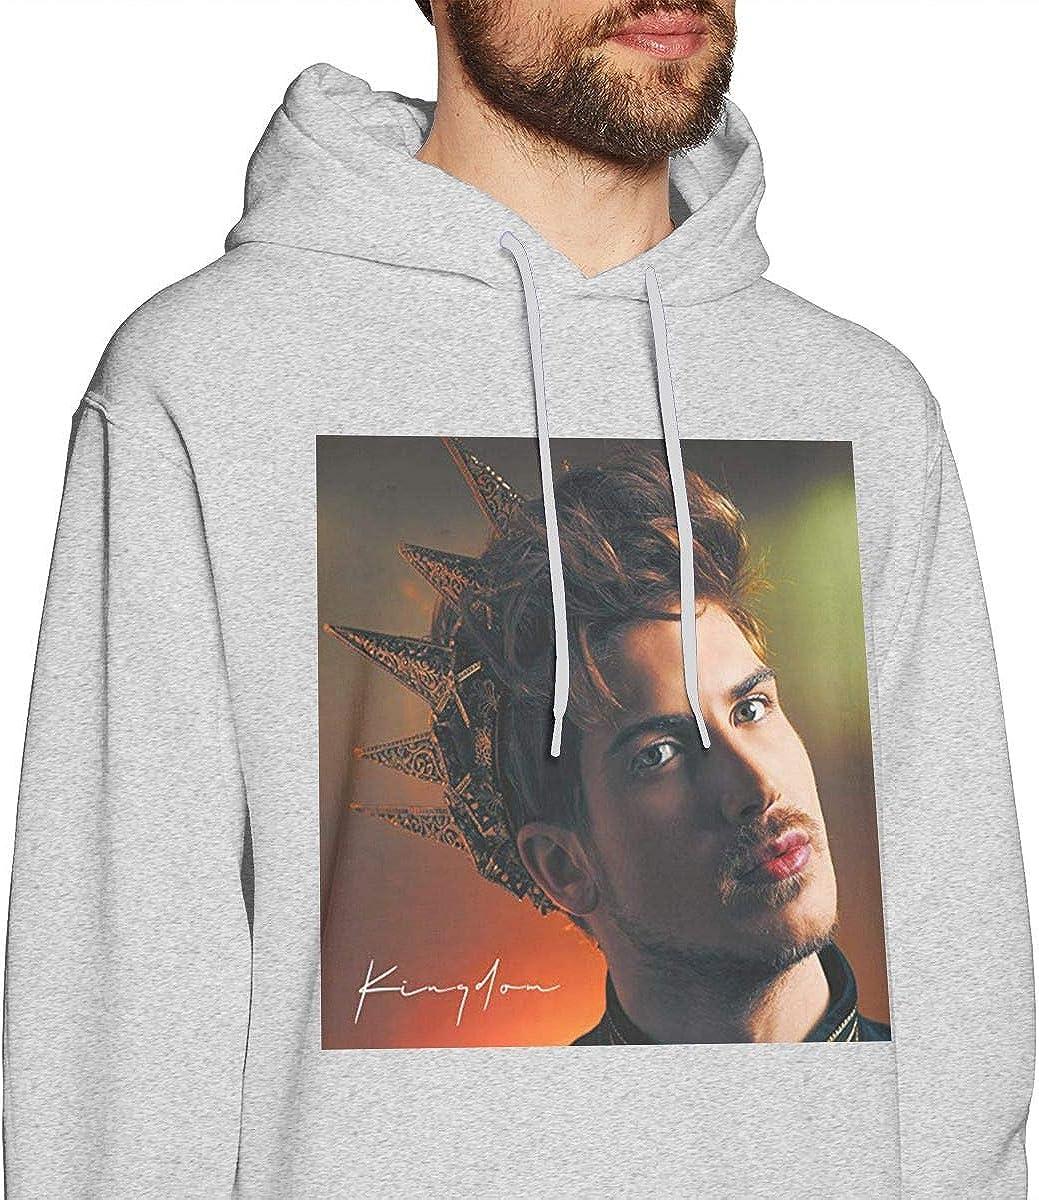 DANIPEW Mens Hoodie Sweatshirt Joey-Graceffa Sweater Black